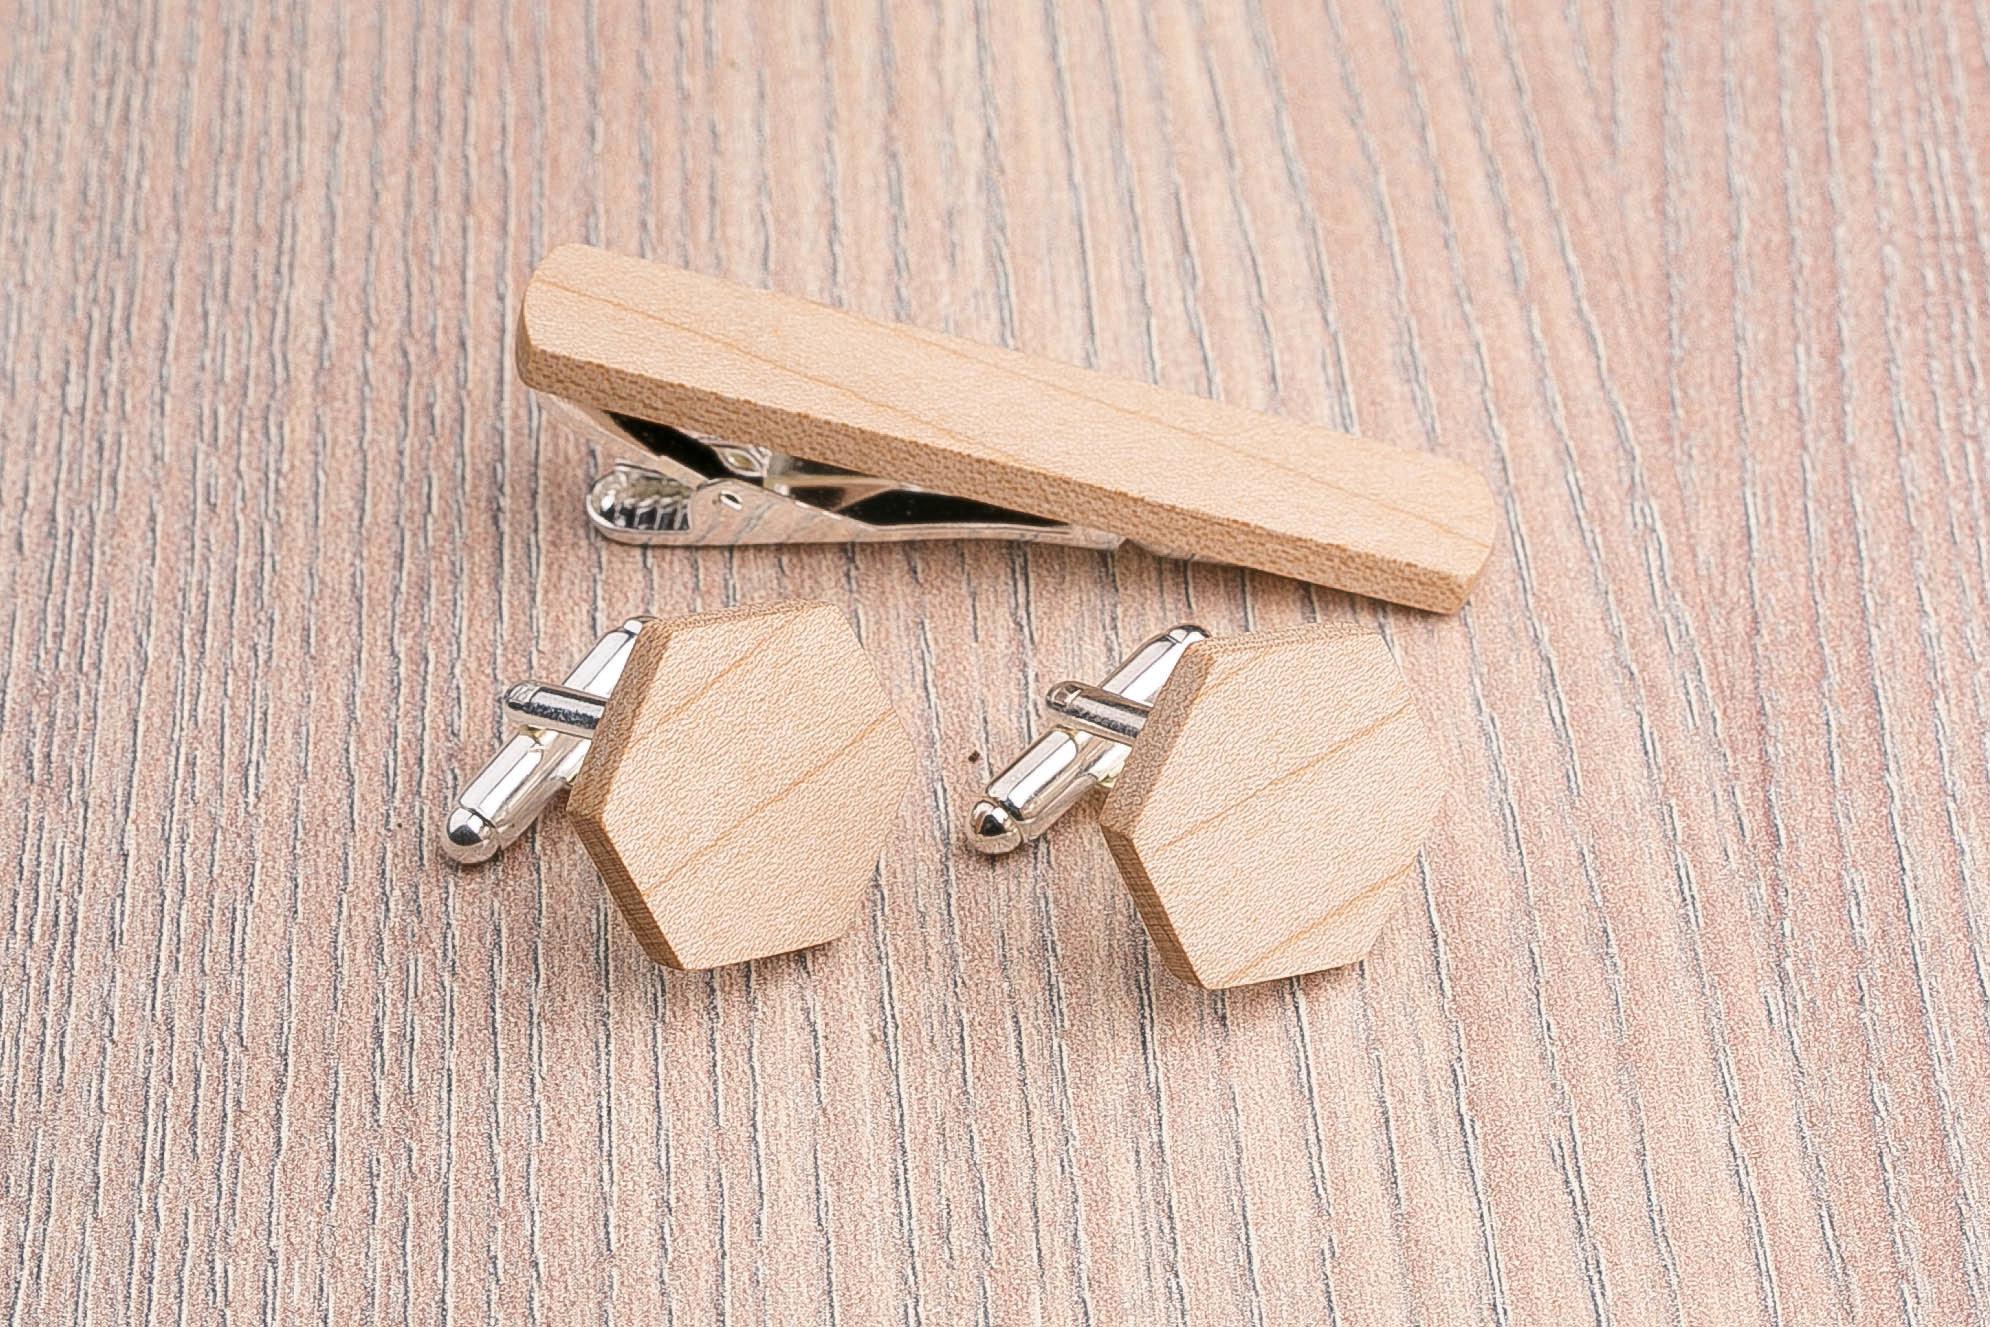 Комплект: Шестигранные запонки из дерева и Деревянный зажим для галстука. Массив клена. Гравировка инициалов. Упаковка в комплекте